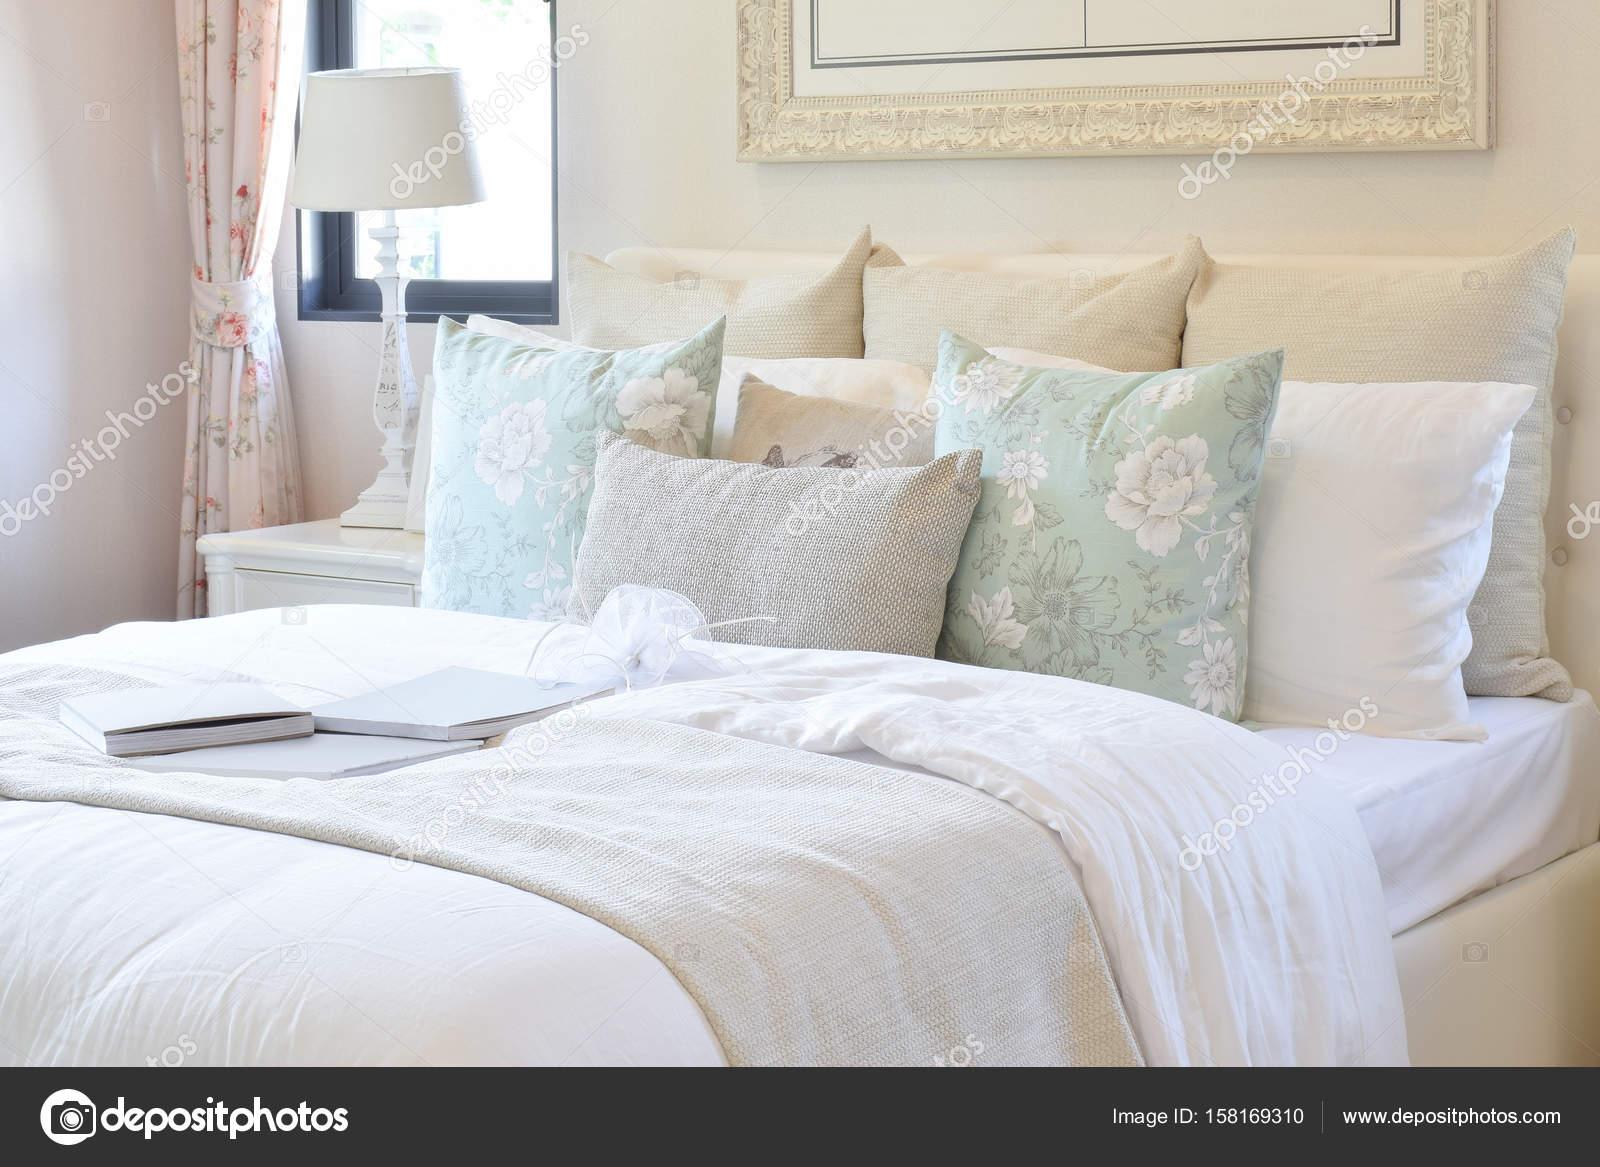 Sypialnia Vintage Wnętrza Z Kwiat Poduszki I Dekoracyjne